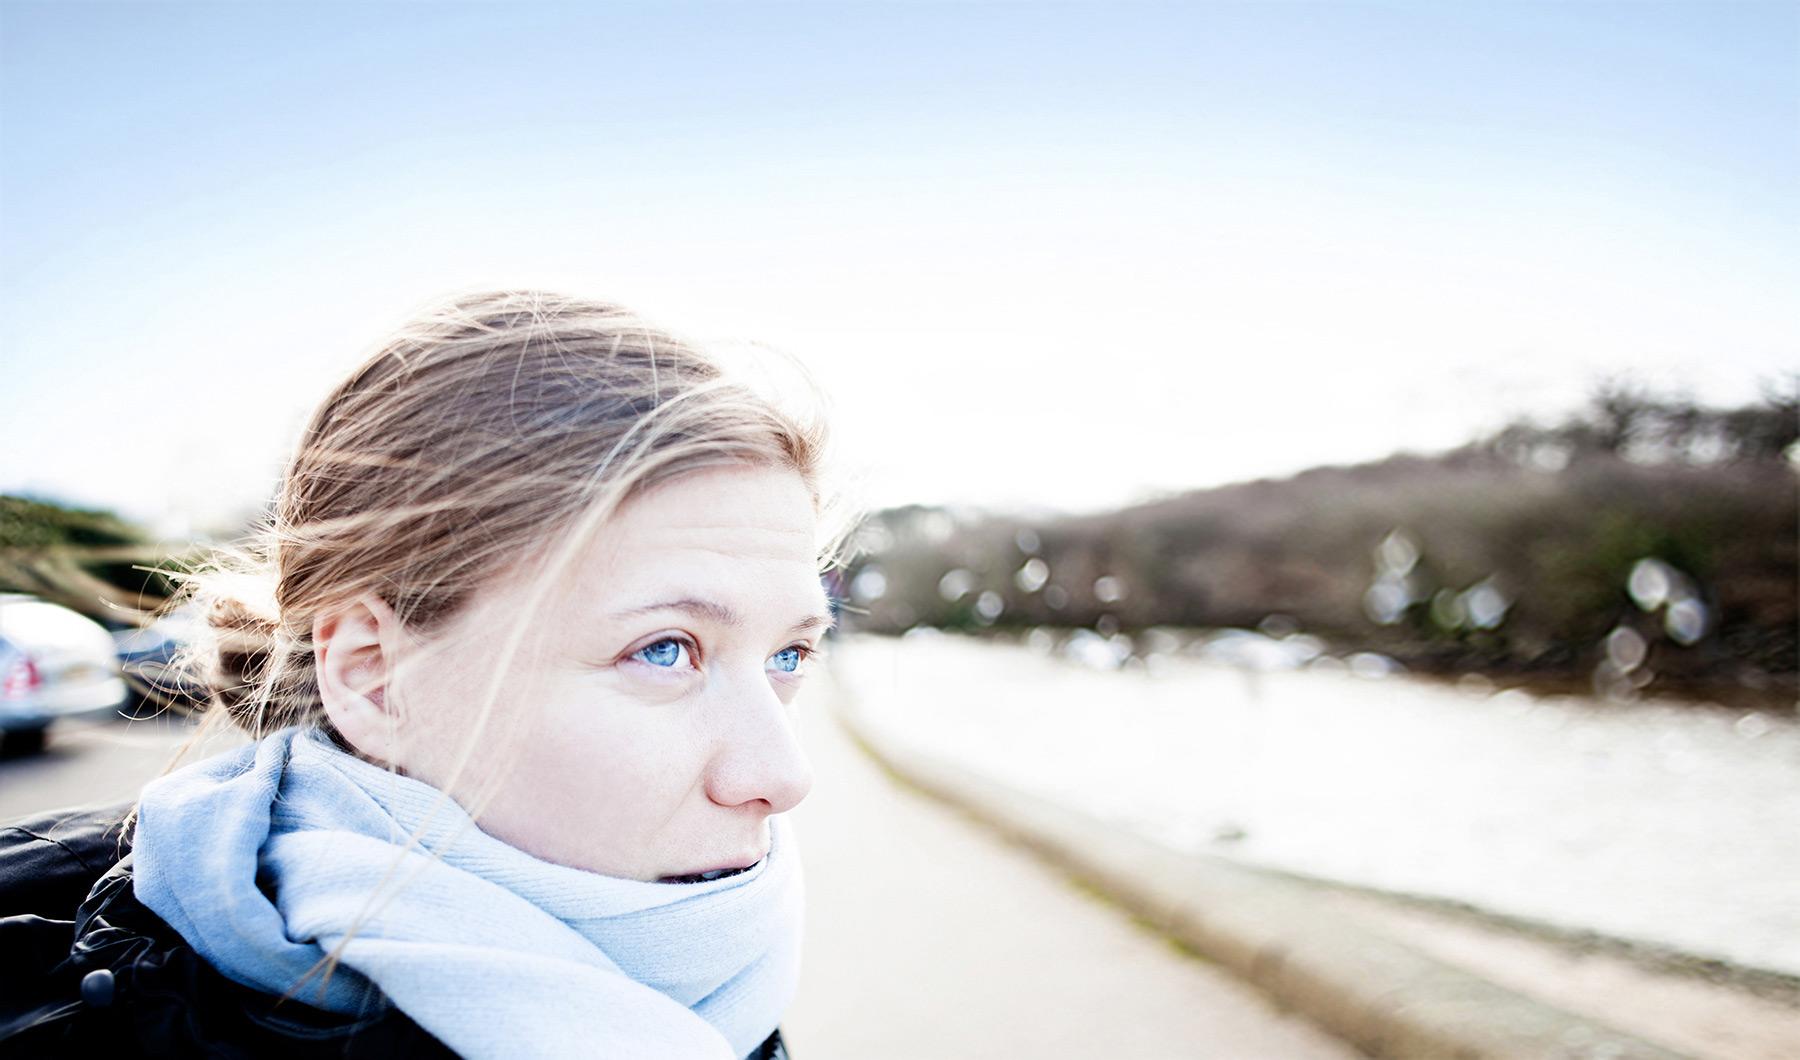 junge Frau steht nachdenklich an einem kühlen Wintertag am Fluss